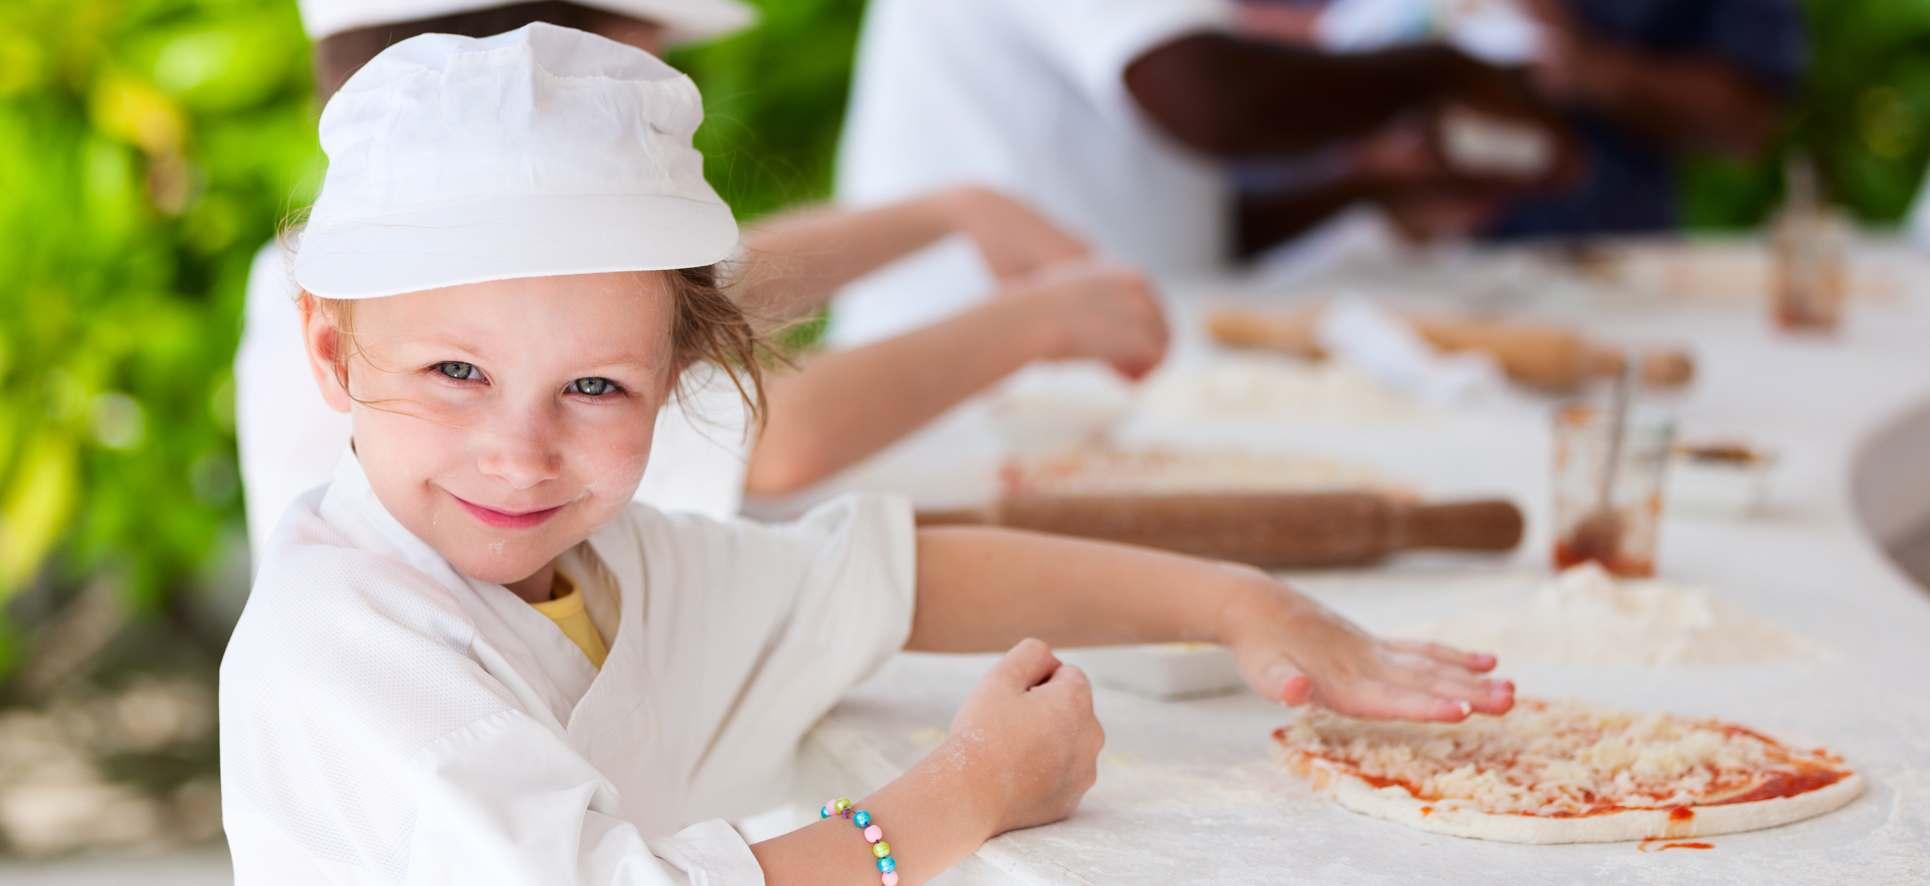 סדנאות בישול לקייטנות